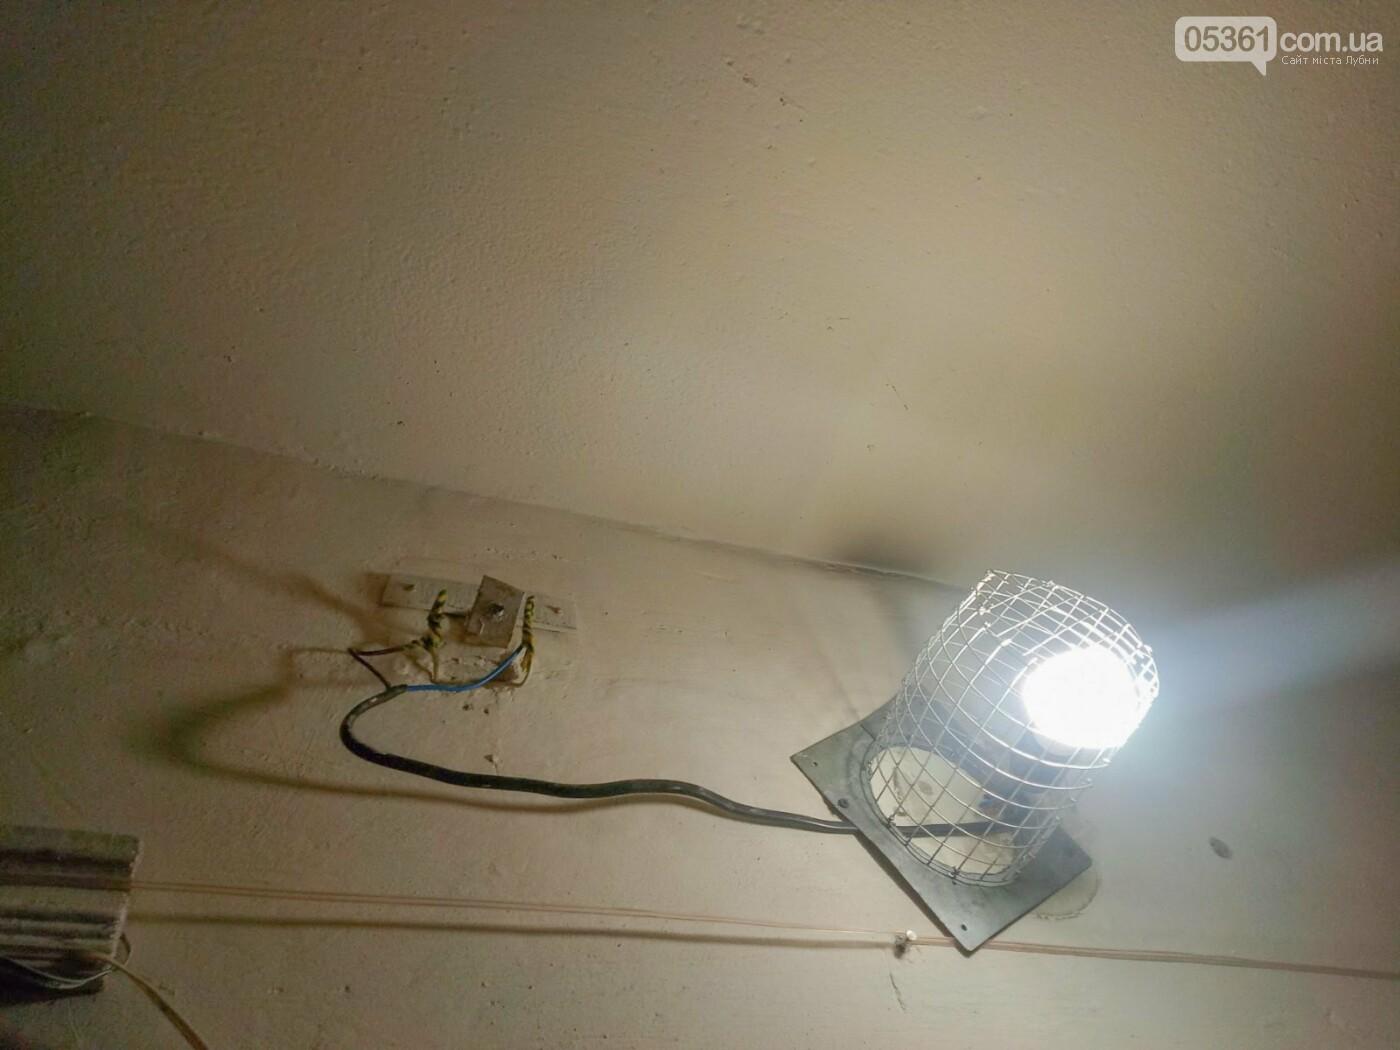 """Лубенське ЛК ЖЕУ осучаснює систему освітлення в під""""їздах багатоповерхівок, фото-2"""